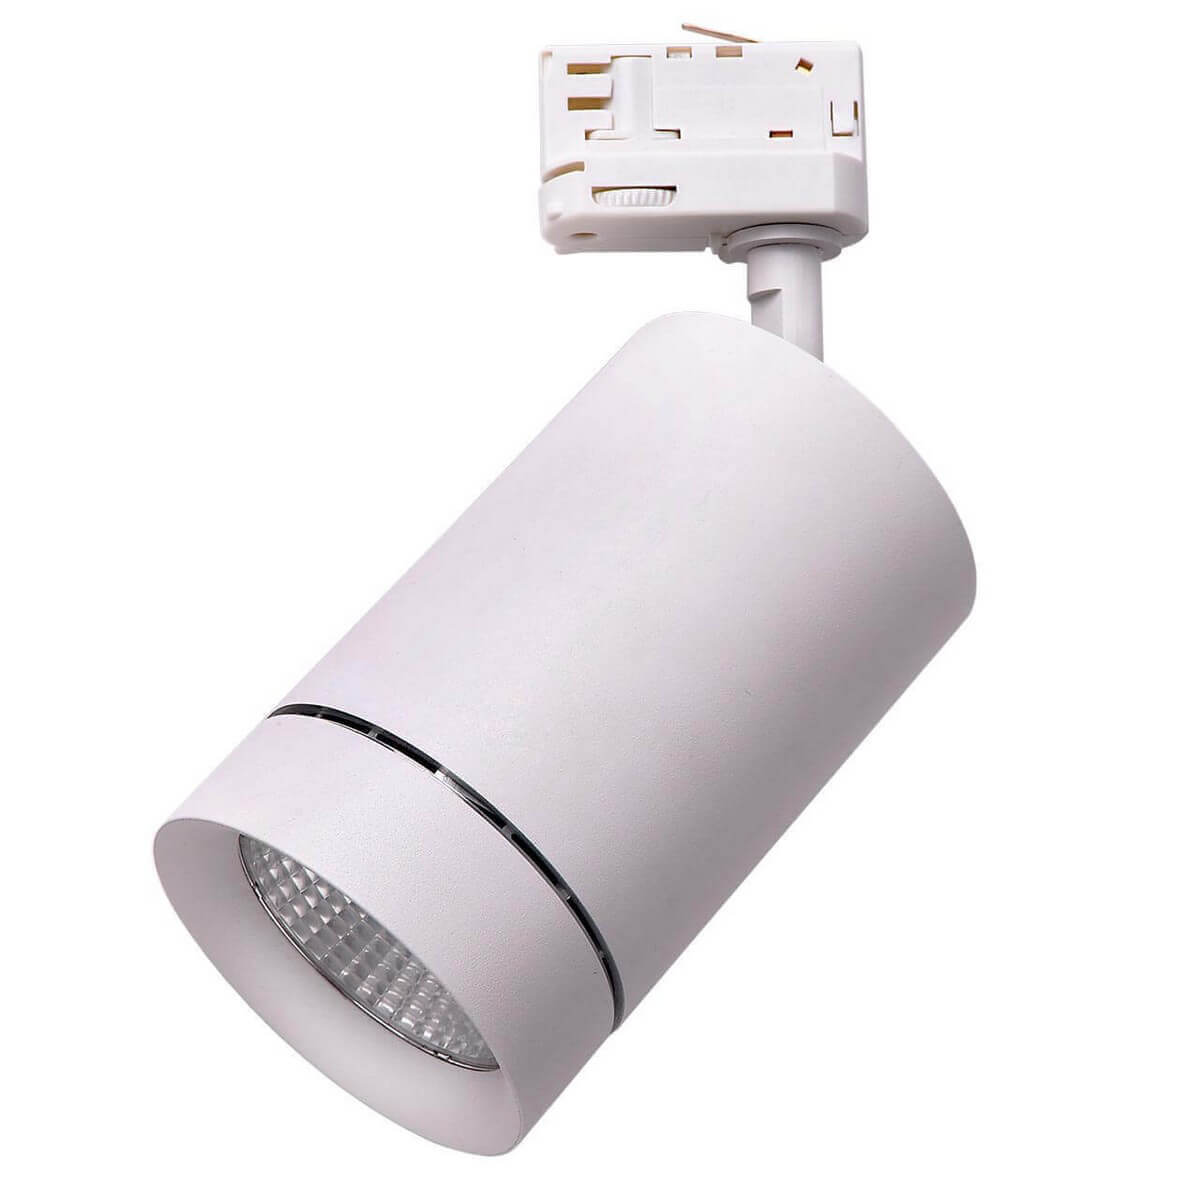 Светильник Lightstar 303562 Canno Led (для трехфазного шинопровода) светильник novotech 358188 iter для трехфазного шинопровода